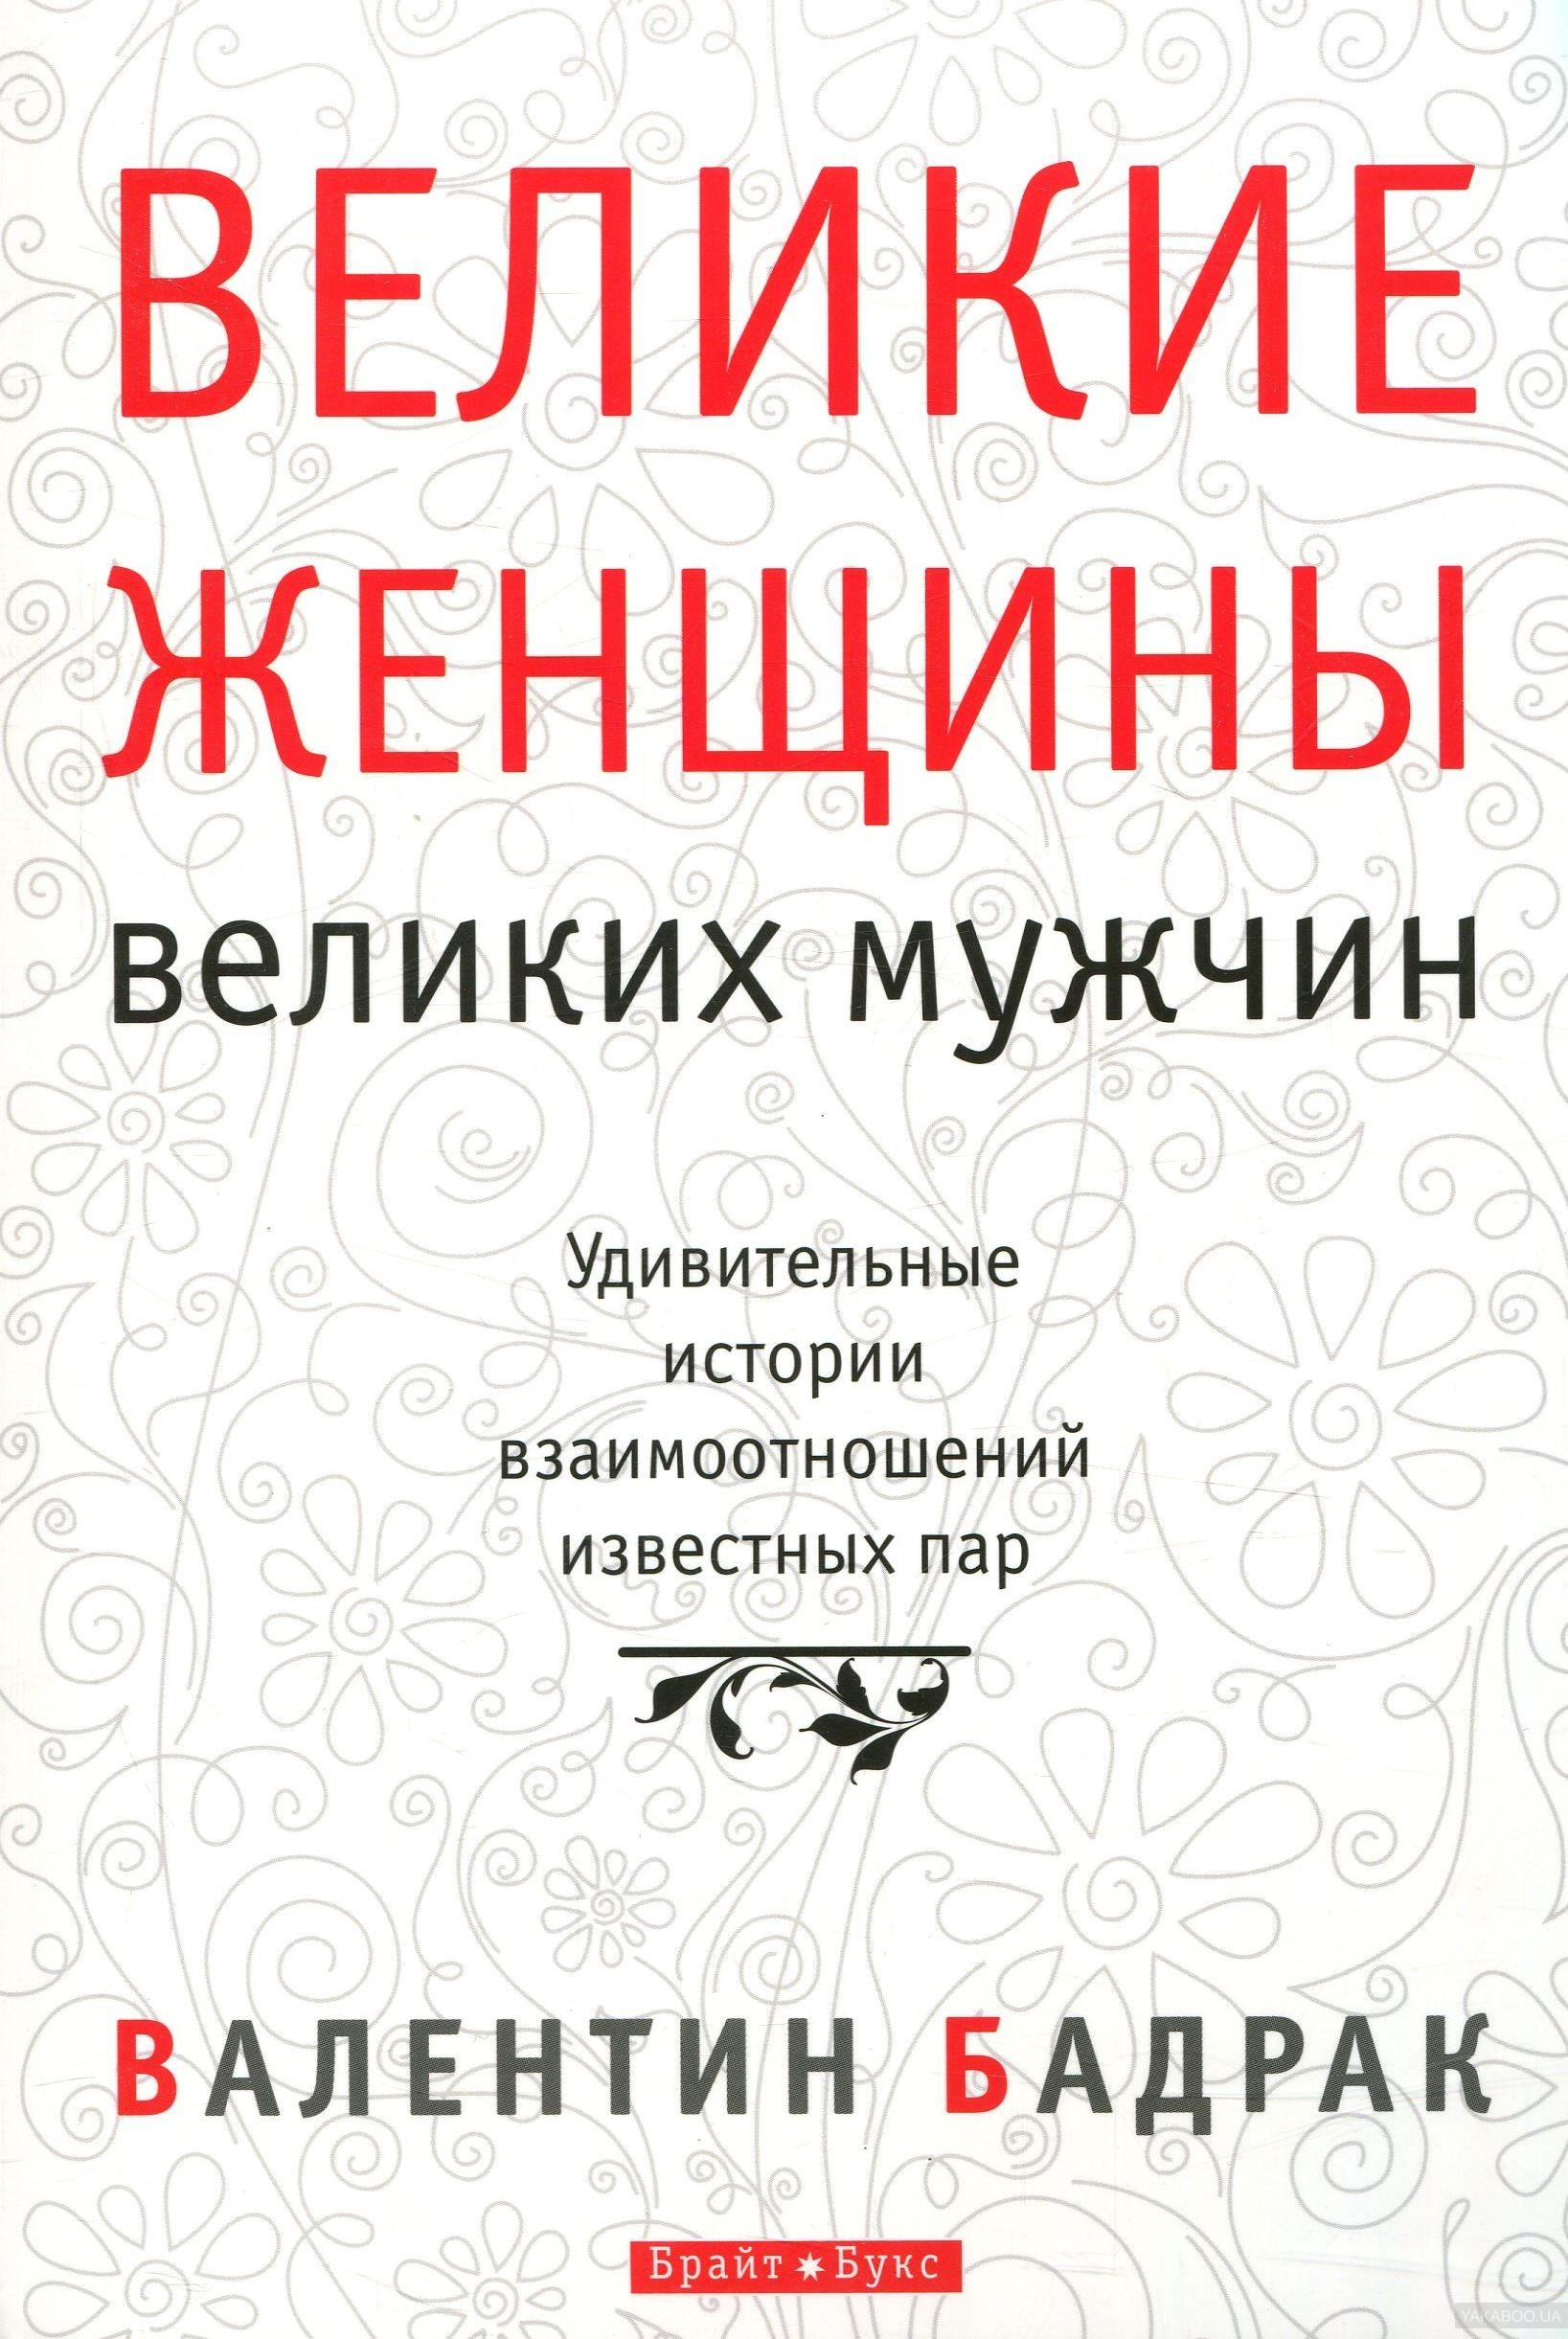 «Великие женщины великих мужчин», Валентин Бадрак.